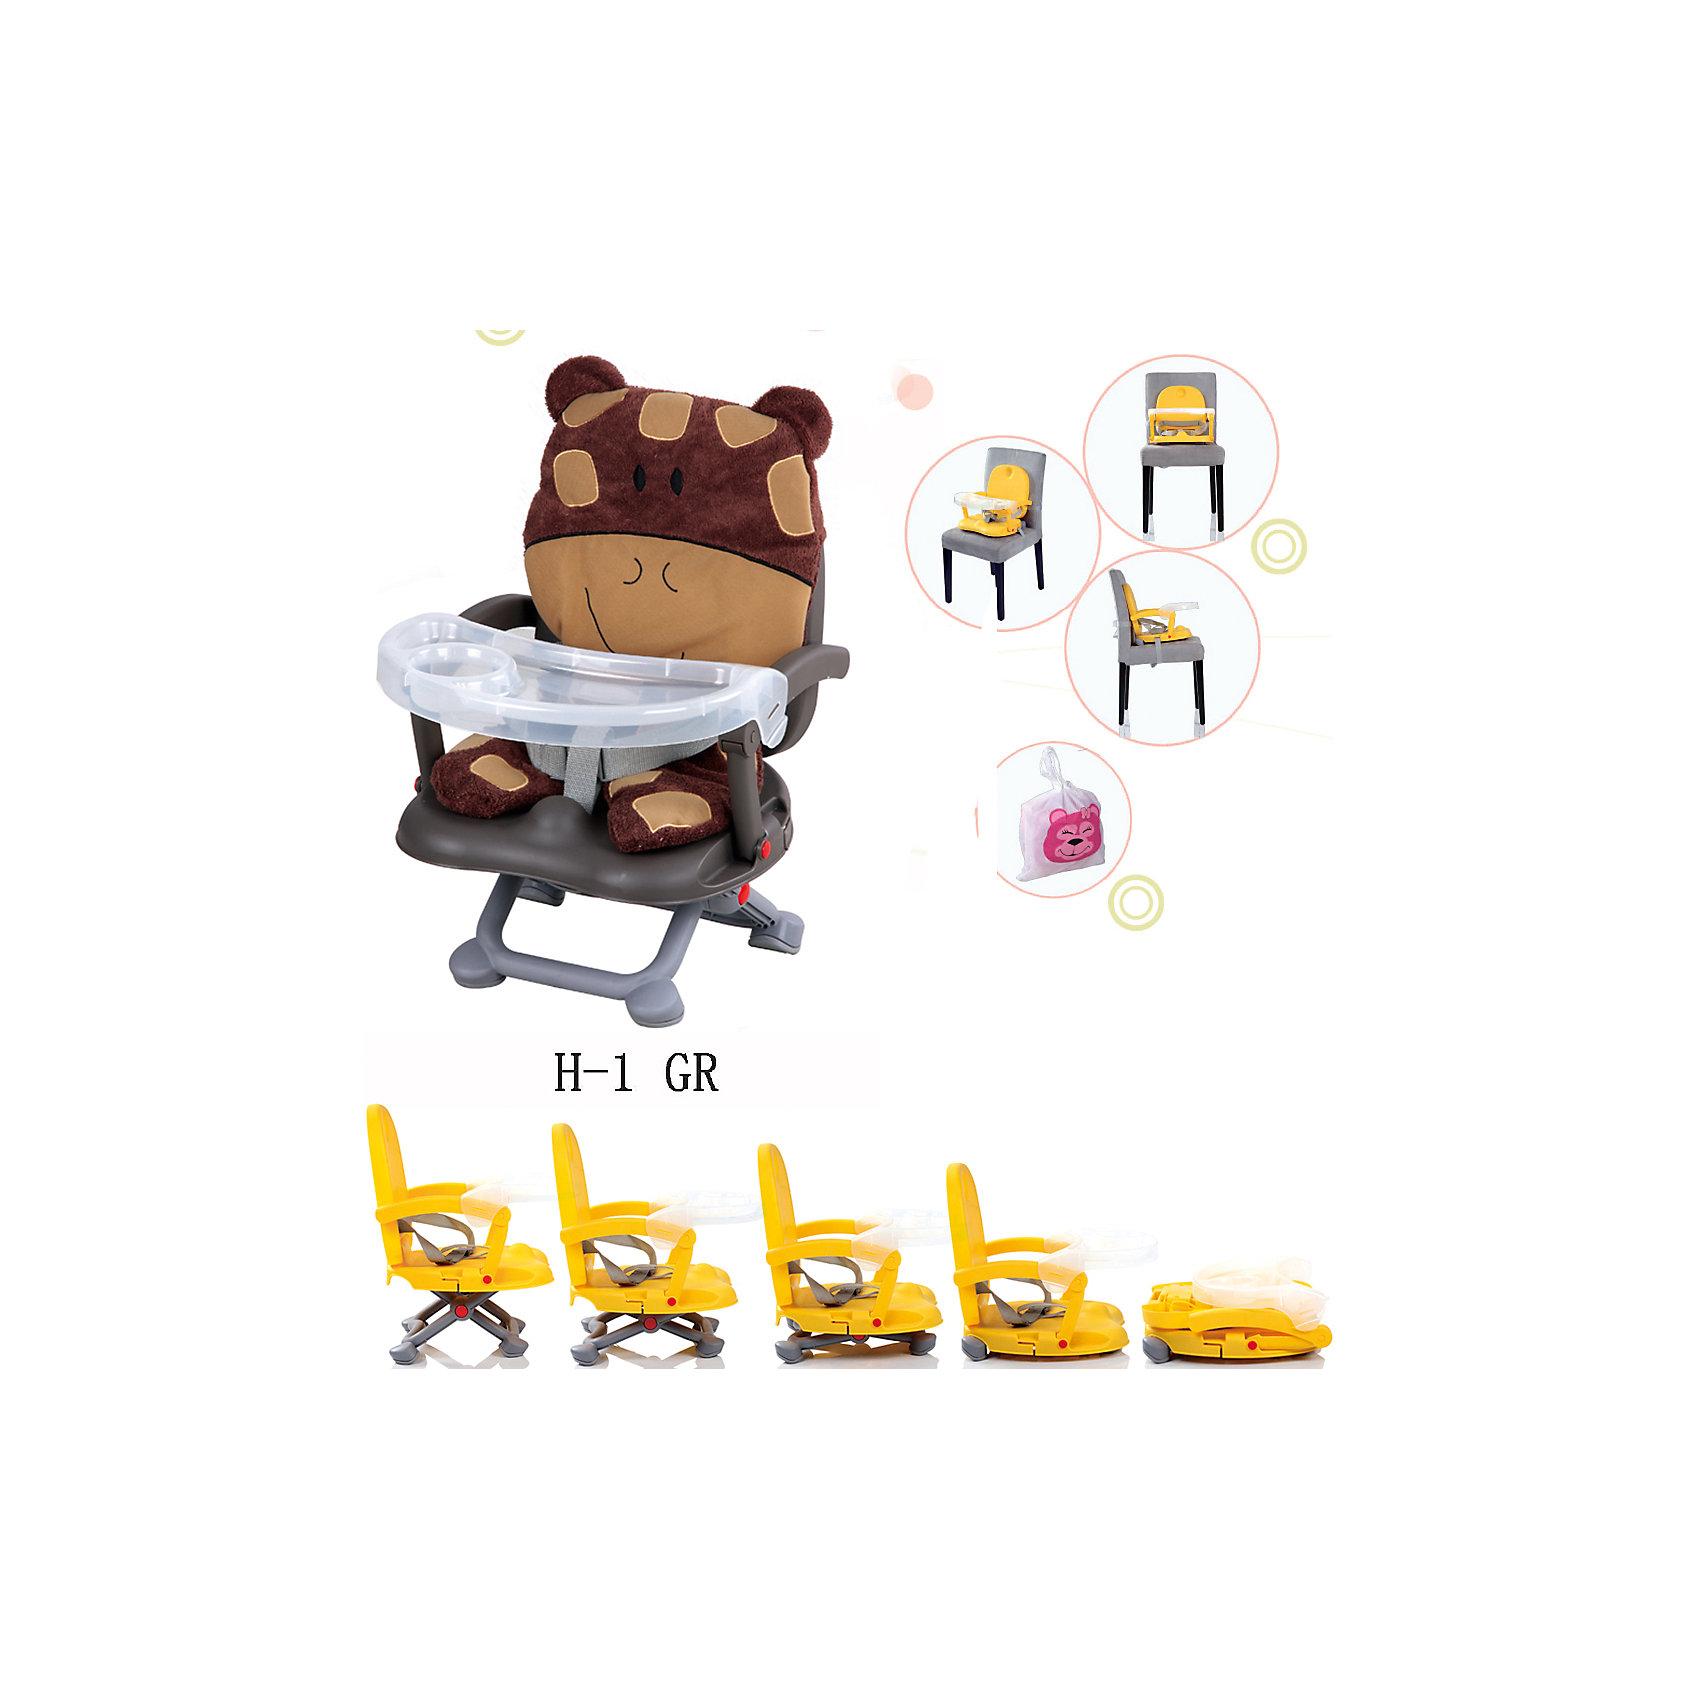 Стульчик для кормления H-1, Babies, GiraffeСтульчик для кормления H-1, Babies, Giraffe - легкая, простая и компактная модель для комфортного кормления малыша дома и в путешествии.<br>Компактный стульчик для кормления H-1 Giraffe от Babies (Бэйбис) идеален как для домашнего использования, так и для поездок. Он легко и быстро складывается, не занимает много места при хранении и перевозке. Мягкий чехол изготовлен в виде дружелюбного улыбающегося жирафа. Предусмотрена удобная съемная столешница с бортиками и подстаканником. Нескользящие ножки устойчивы на поверхности. Стульчик можно использовать как самостоятельный предмет мебели или как бустер, сложив ножки опоры и прикрепив к обычному стулу с помощью специальных ремней, входящих в комплект.<br><br>Дополнительная информация:<br><br>- Возраст детей: от полугода до 3 лет<br>- Максимальная нагрузка: 15 кг.<br>- Компактный, легкий<br>- Красивый дизайн<br>- Устойчивая конструкция<br>- Удобные ножки, регулируются по высоте в 3 положениях<br>- Просторное сиденье<br>- Оснащен съемным чехлом, который можно стирать<br>- Трехточечный ремень безопасности<br>- Предусмотрен мешок для транспортировки<br>- Материал: качественный пластик, текстиль<br>- Вес: 2 кг.<br>- Размер стульчика: 36 х 38 х 50 см.<br><br>Стульчик для кормления H-1, Babies, Giraffe можно купить в нашем интернет-магазине.<br><br>Ширина мм: 375<br>Глубина мм: 345<br>Высота мм: 770<br>Вес г: 1600<br>Возраст от месяцев: 6<br>Возраст до месяцев: 36<br>Пол: Унисекс<br>Возраст: Детский<br>SKU: 4811279